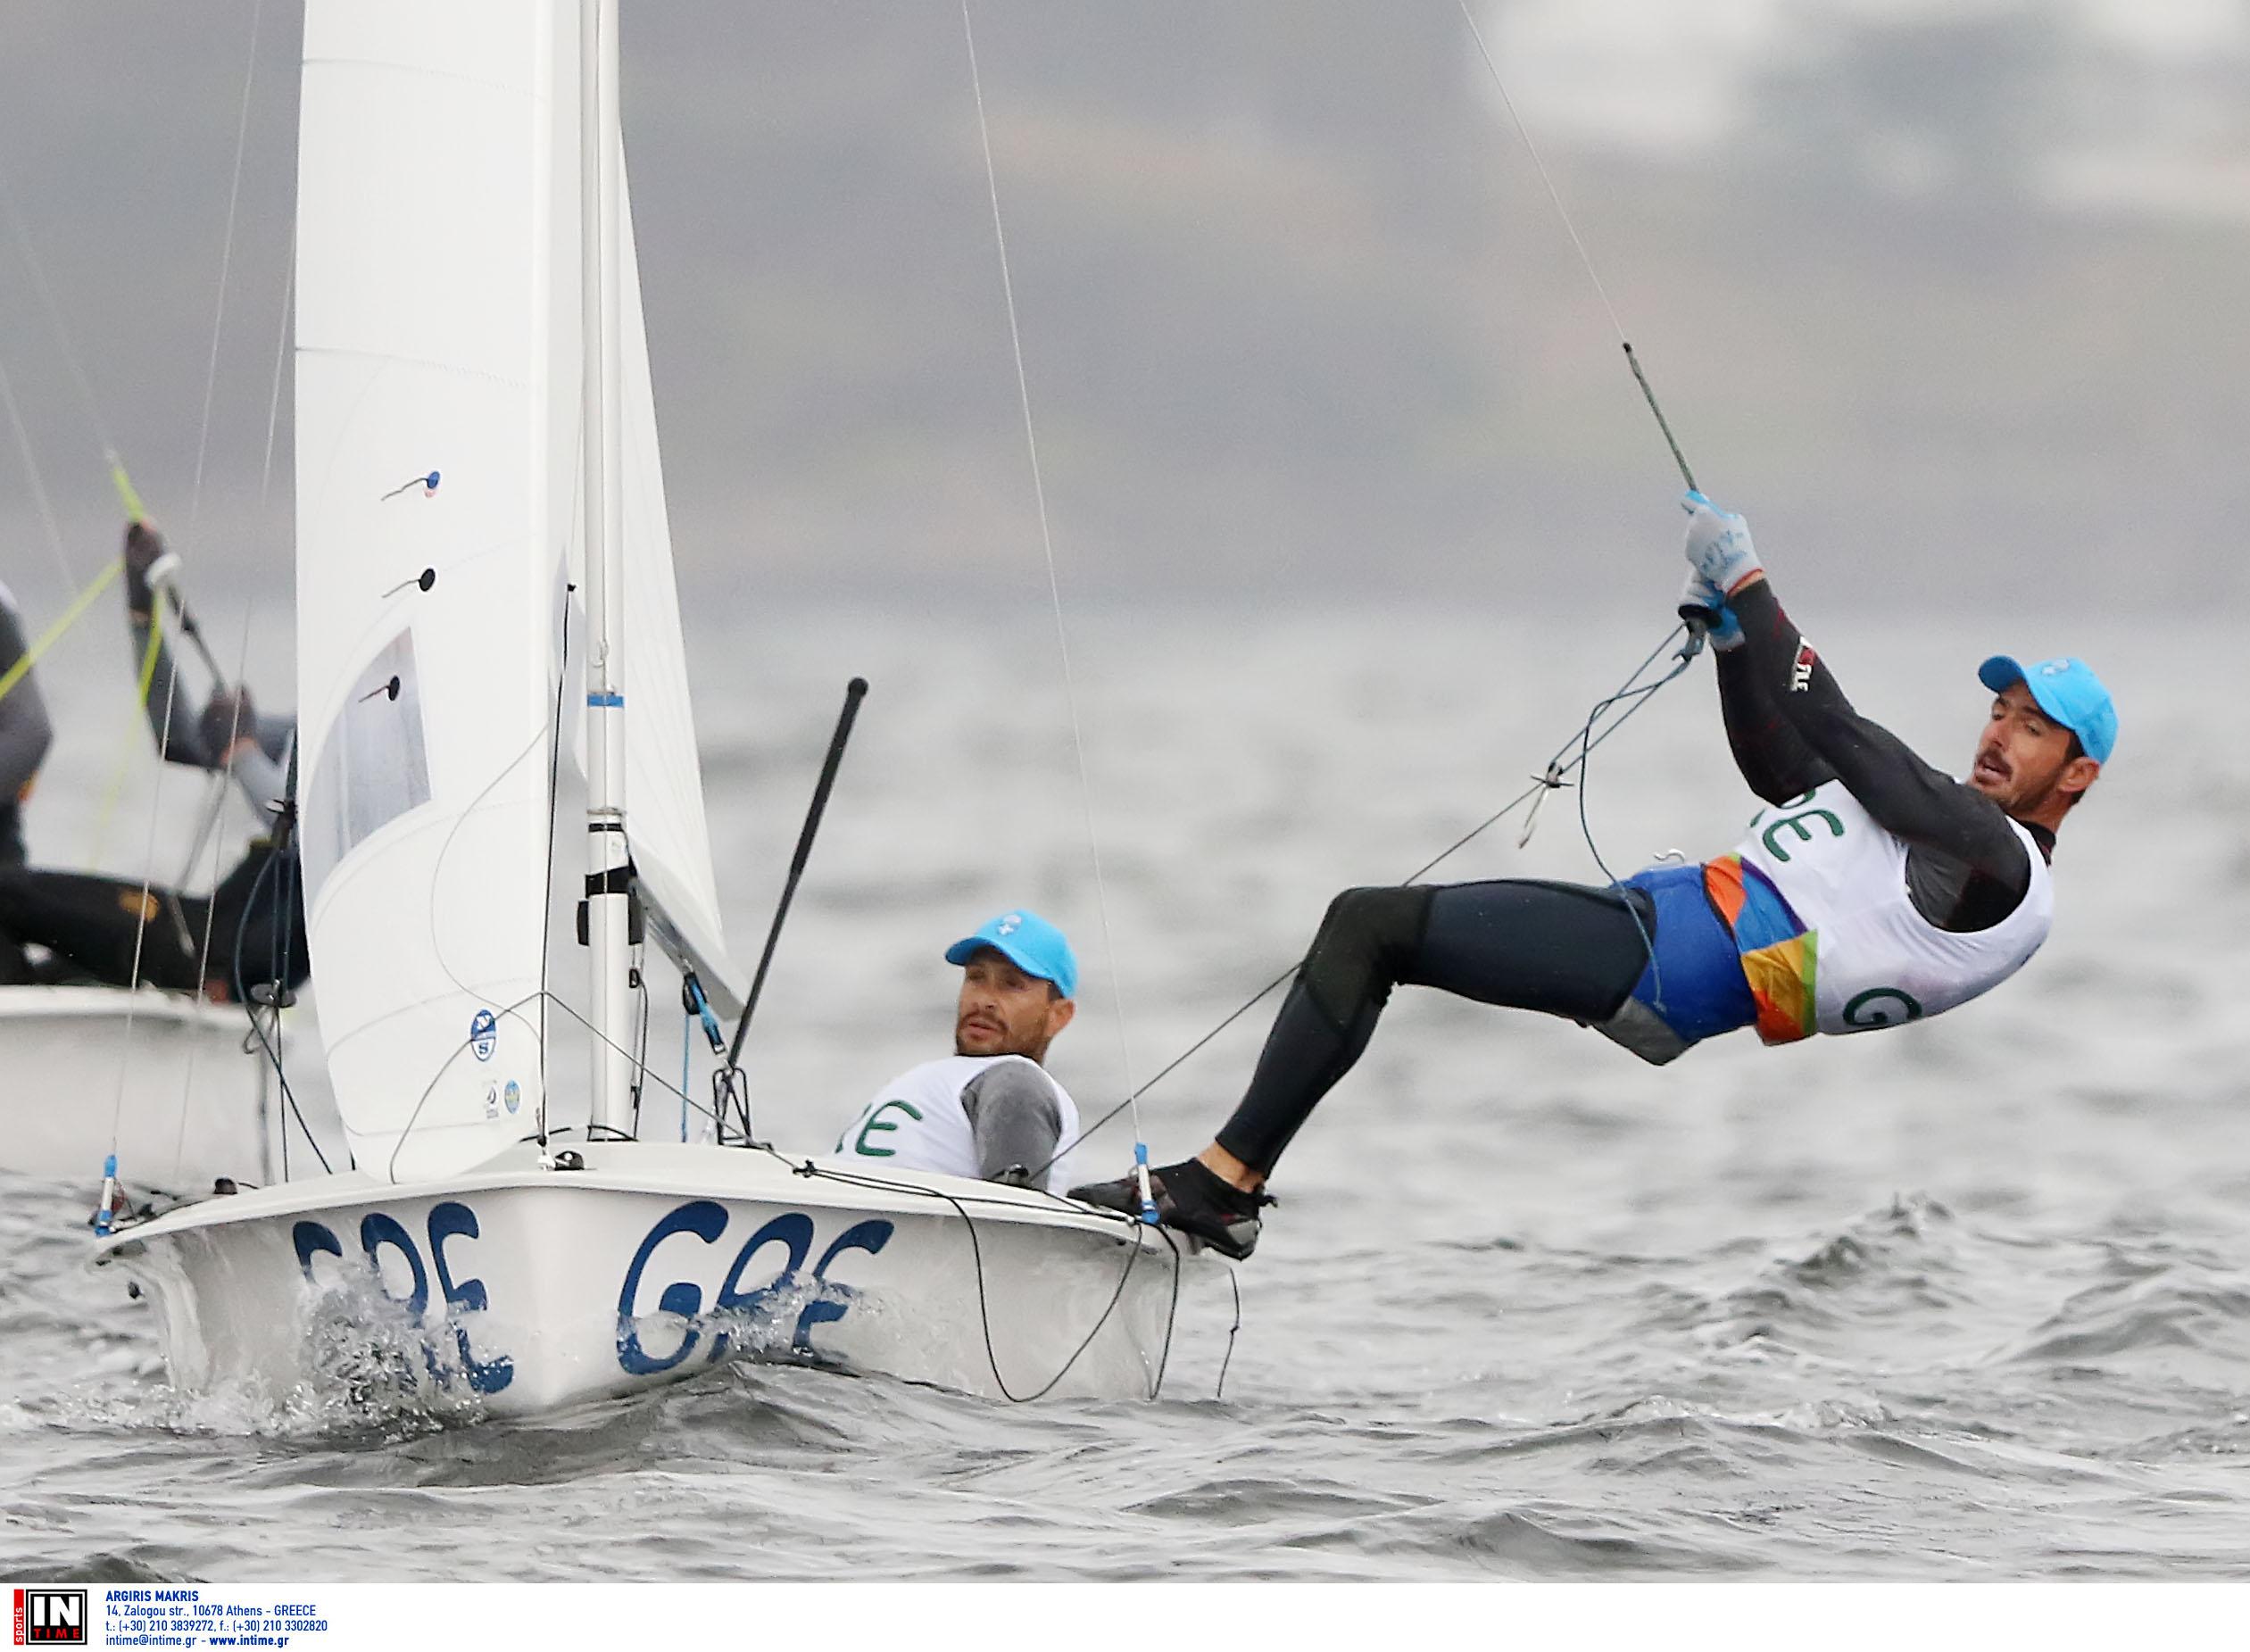 Ολυμπιακοί Αγώνες: Ακυρώθηκαν στην 4η κούρσα οι Μάντης – Καγιαλής